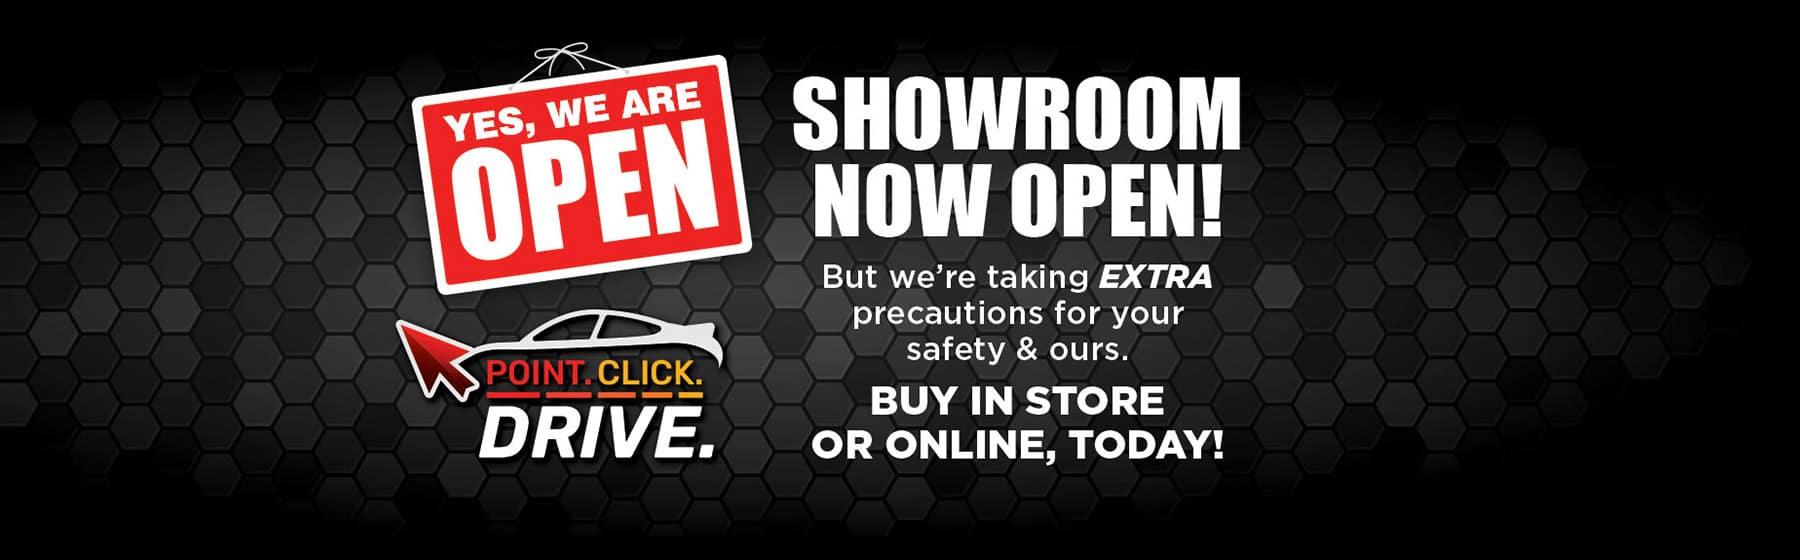 Showroom Now Open